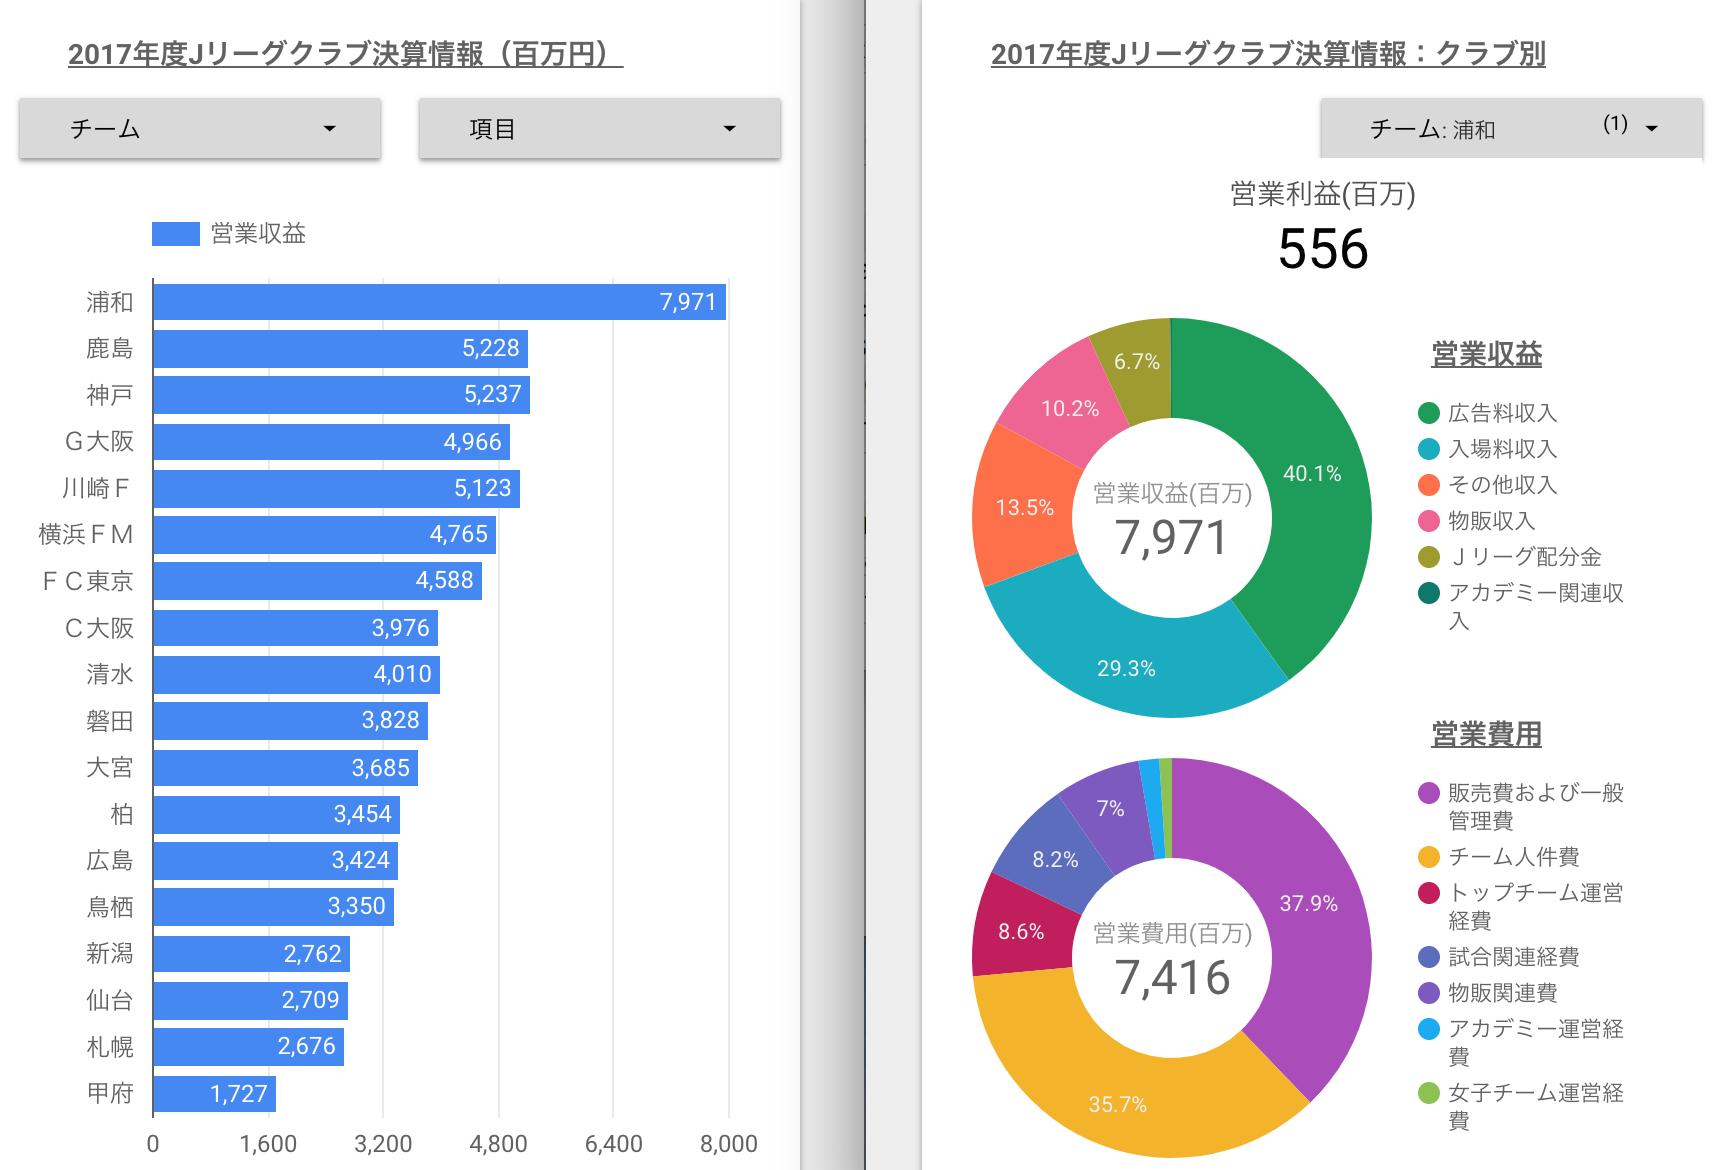 2017年度Jリーグ各クラブの決算・経営情報をデータスタジオで可視化。営業利益やスポンサー収入が多いのはどのクラブ?